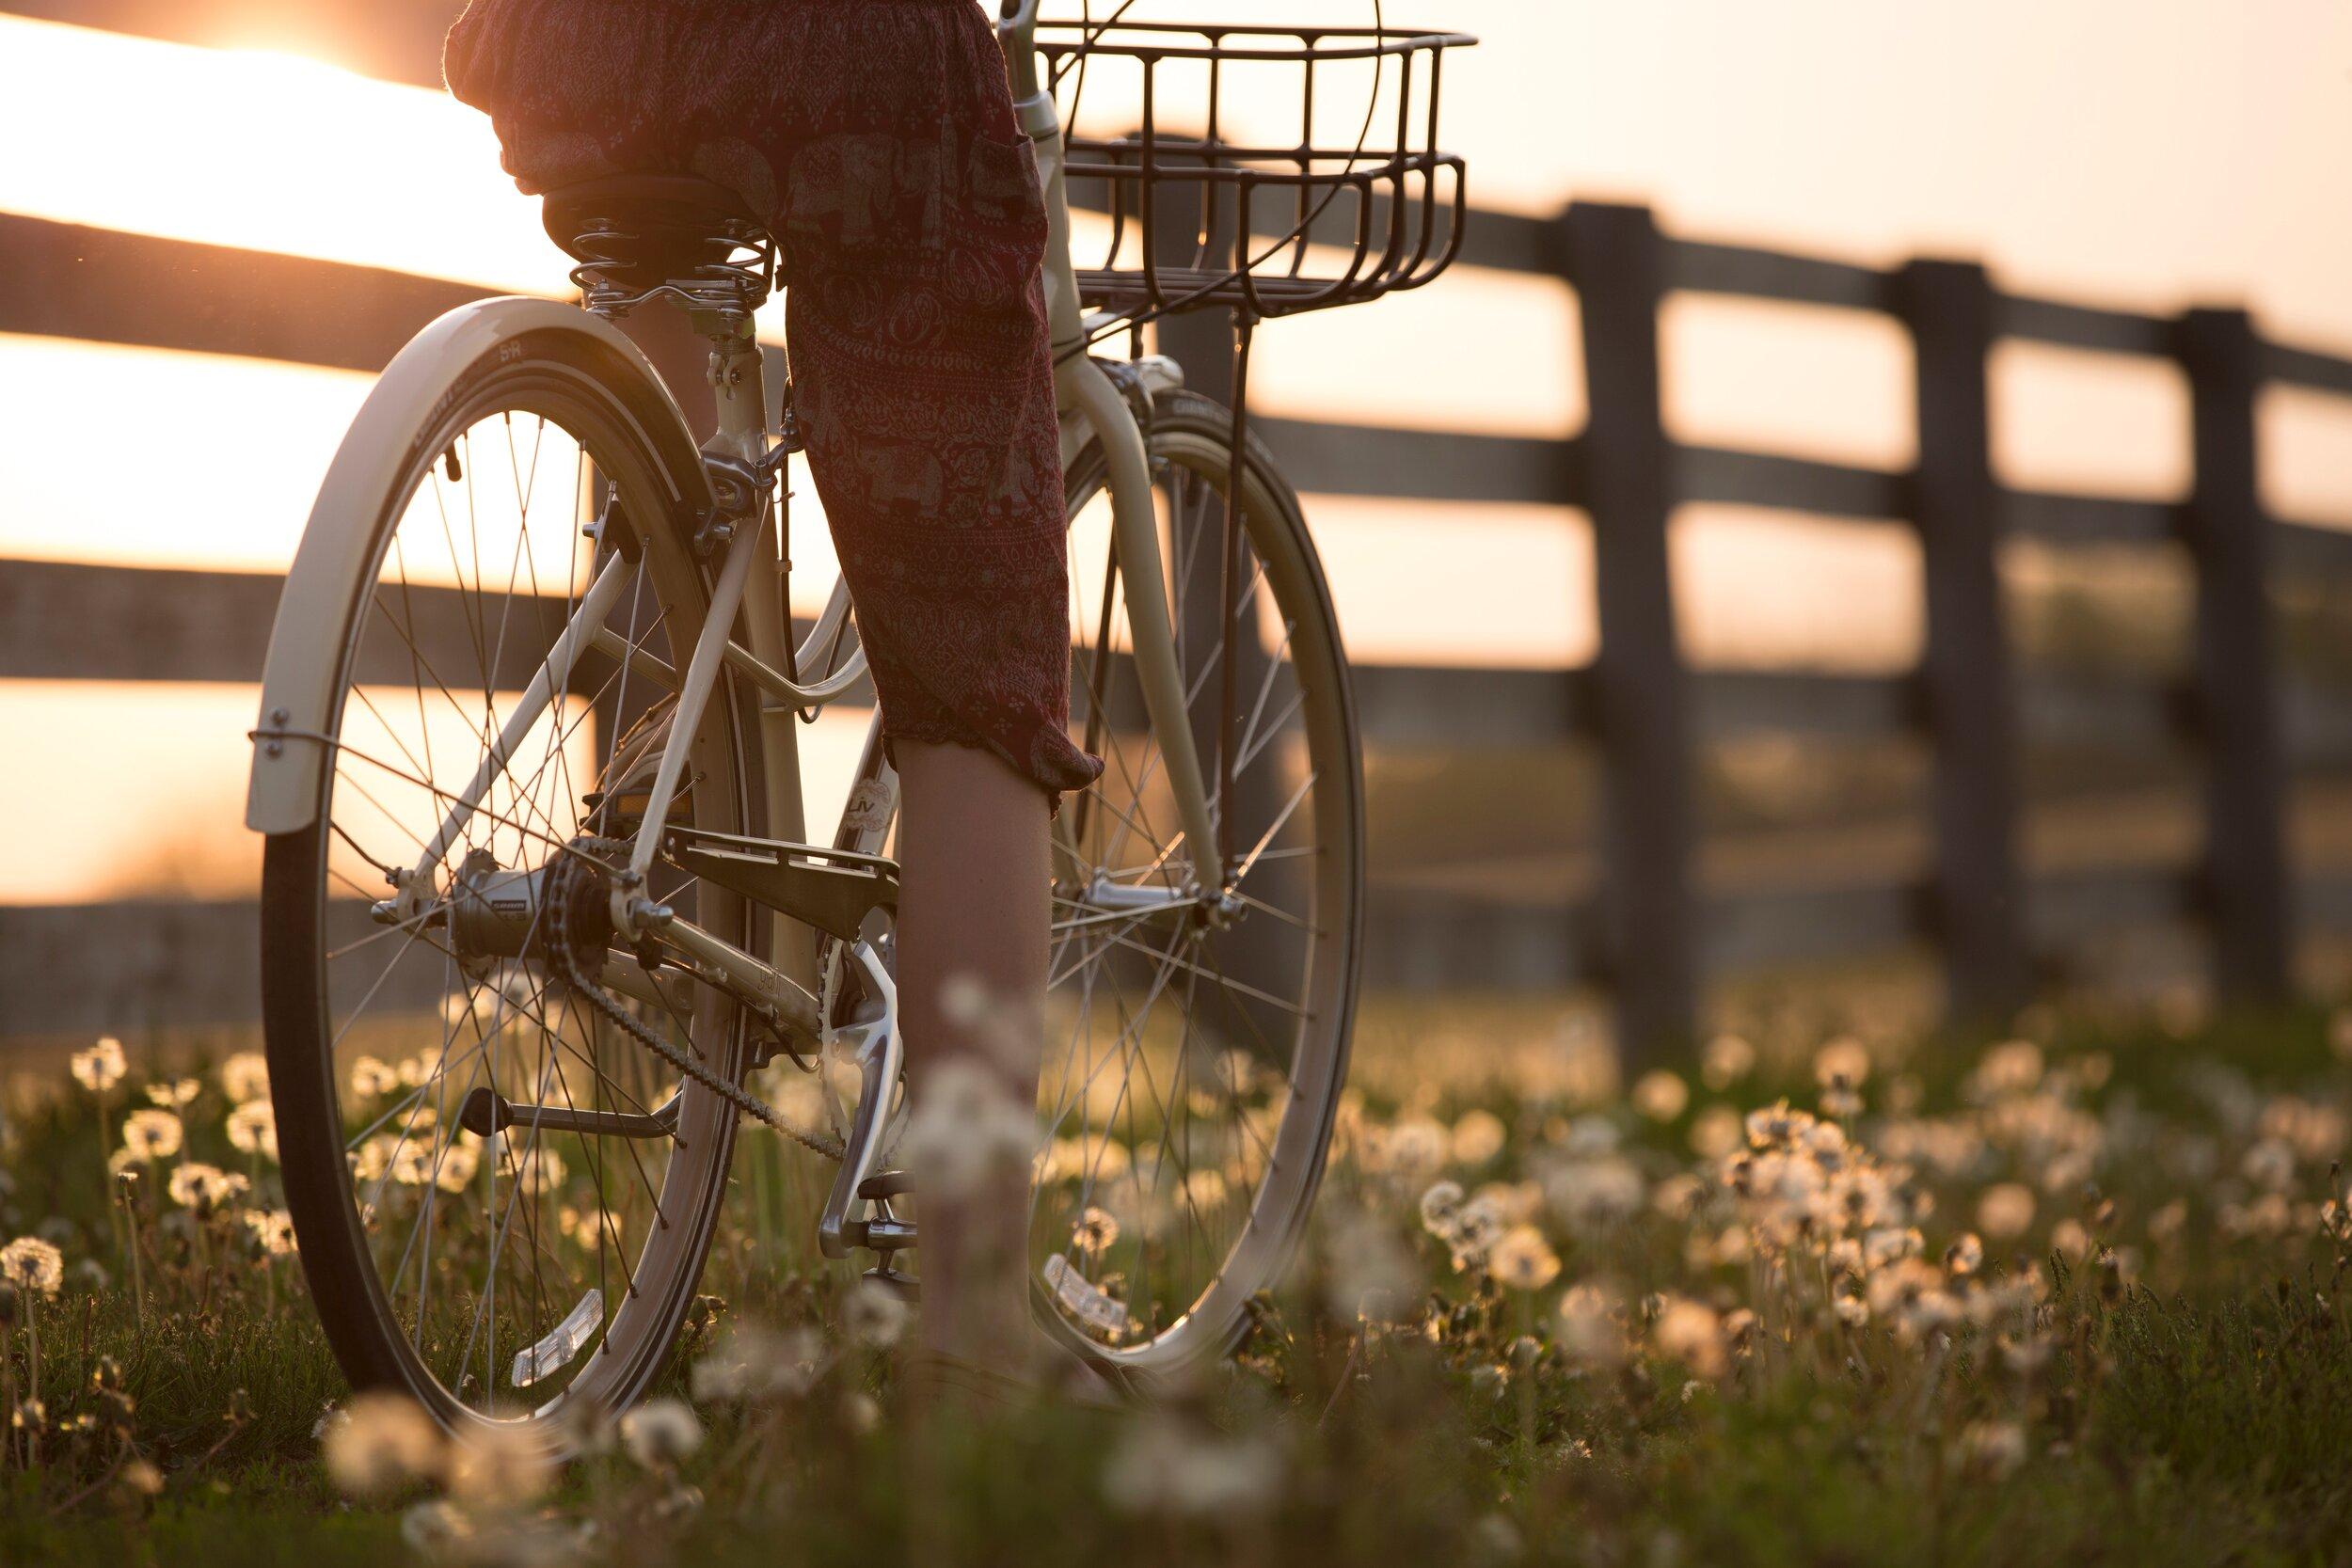 bicycle-biker-biking-1548771.jpg